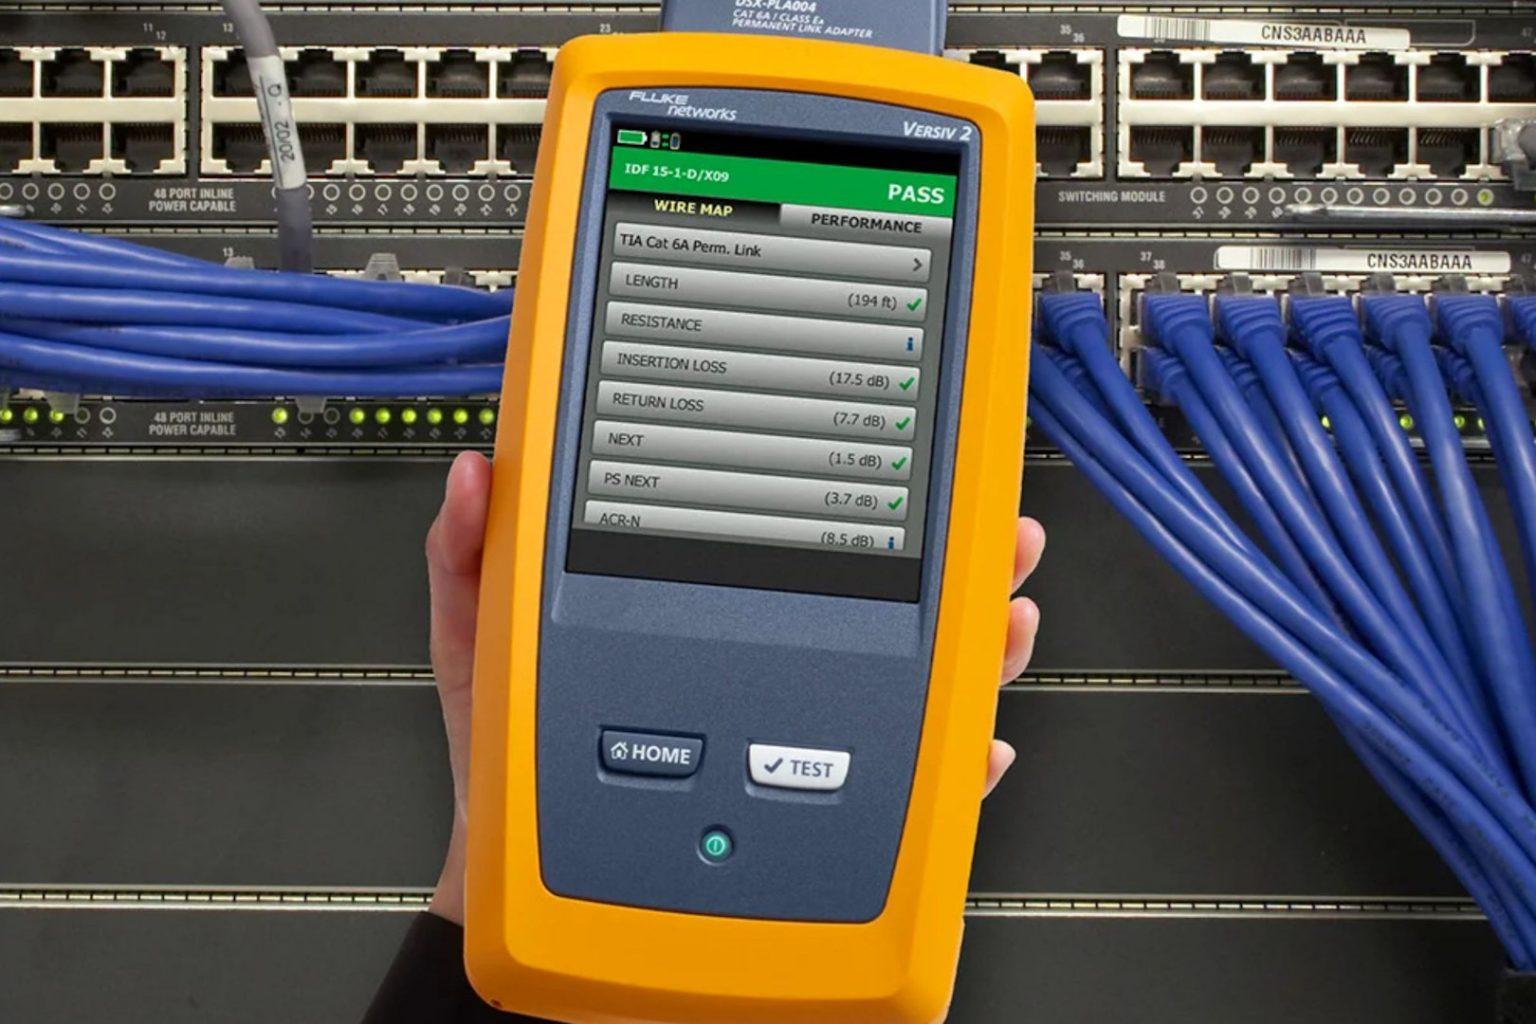 microngroup technician using fluke dsx versiv data network tester